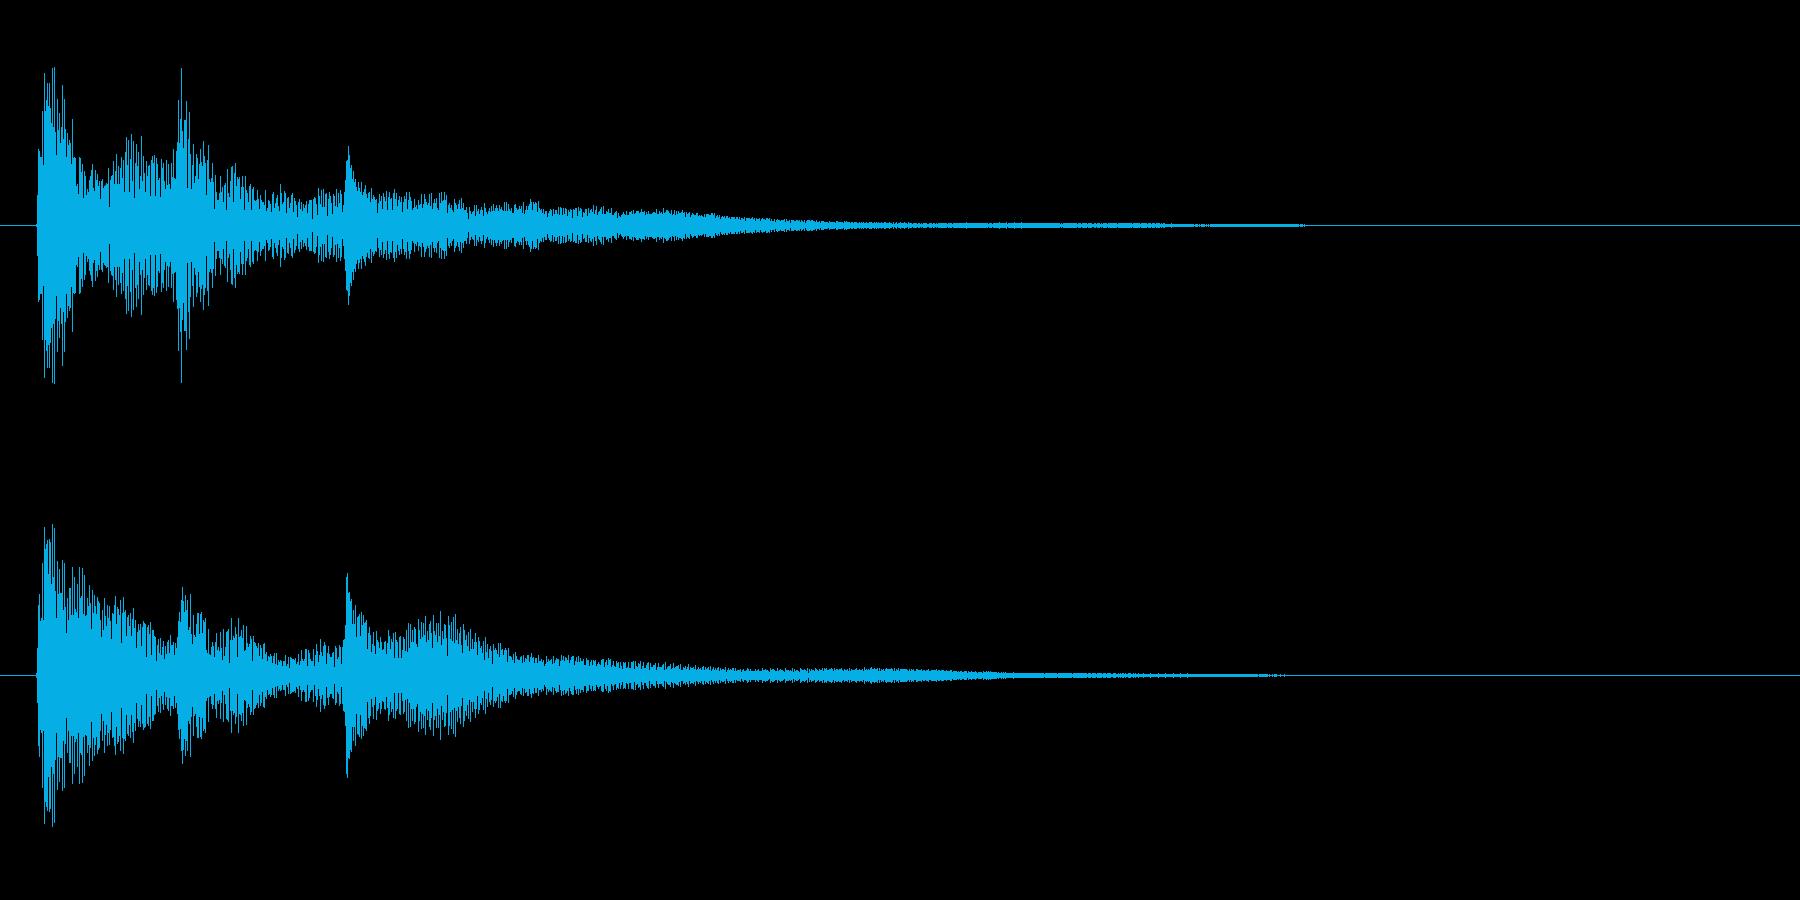 サウンドロゴ(企業ロゴ)_006の再生済みの波形